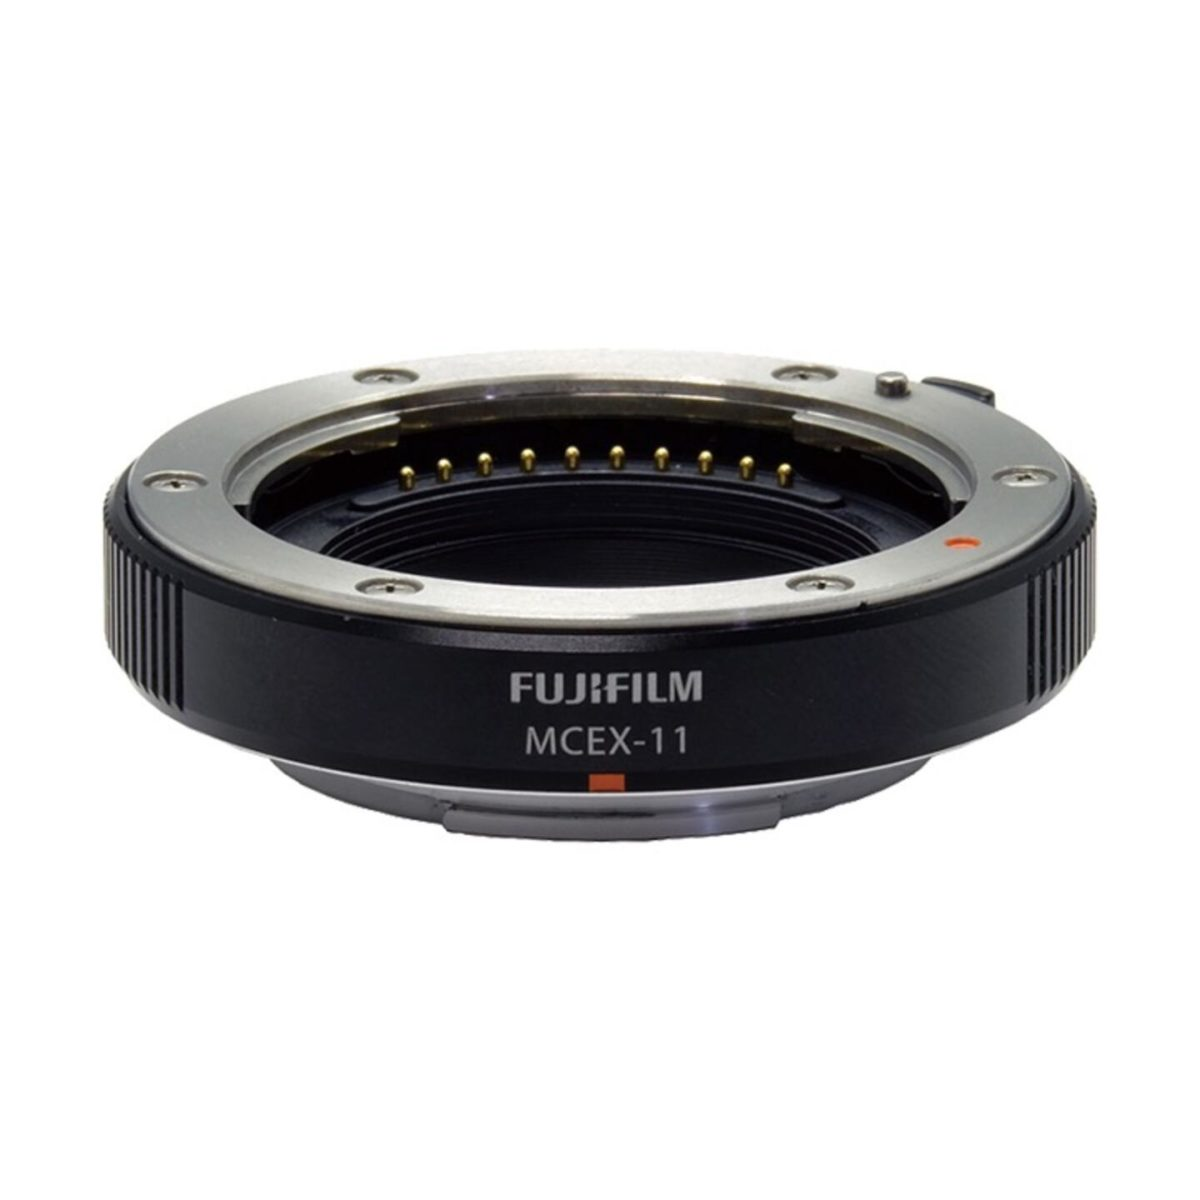 fujifilm_mcex11_makrozwischenring_01